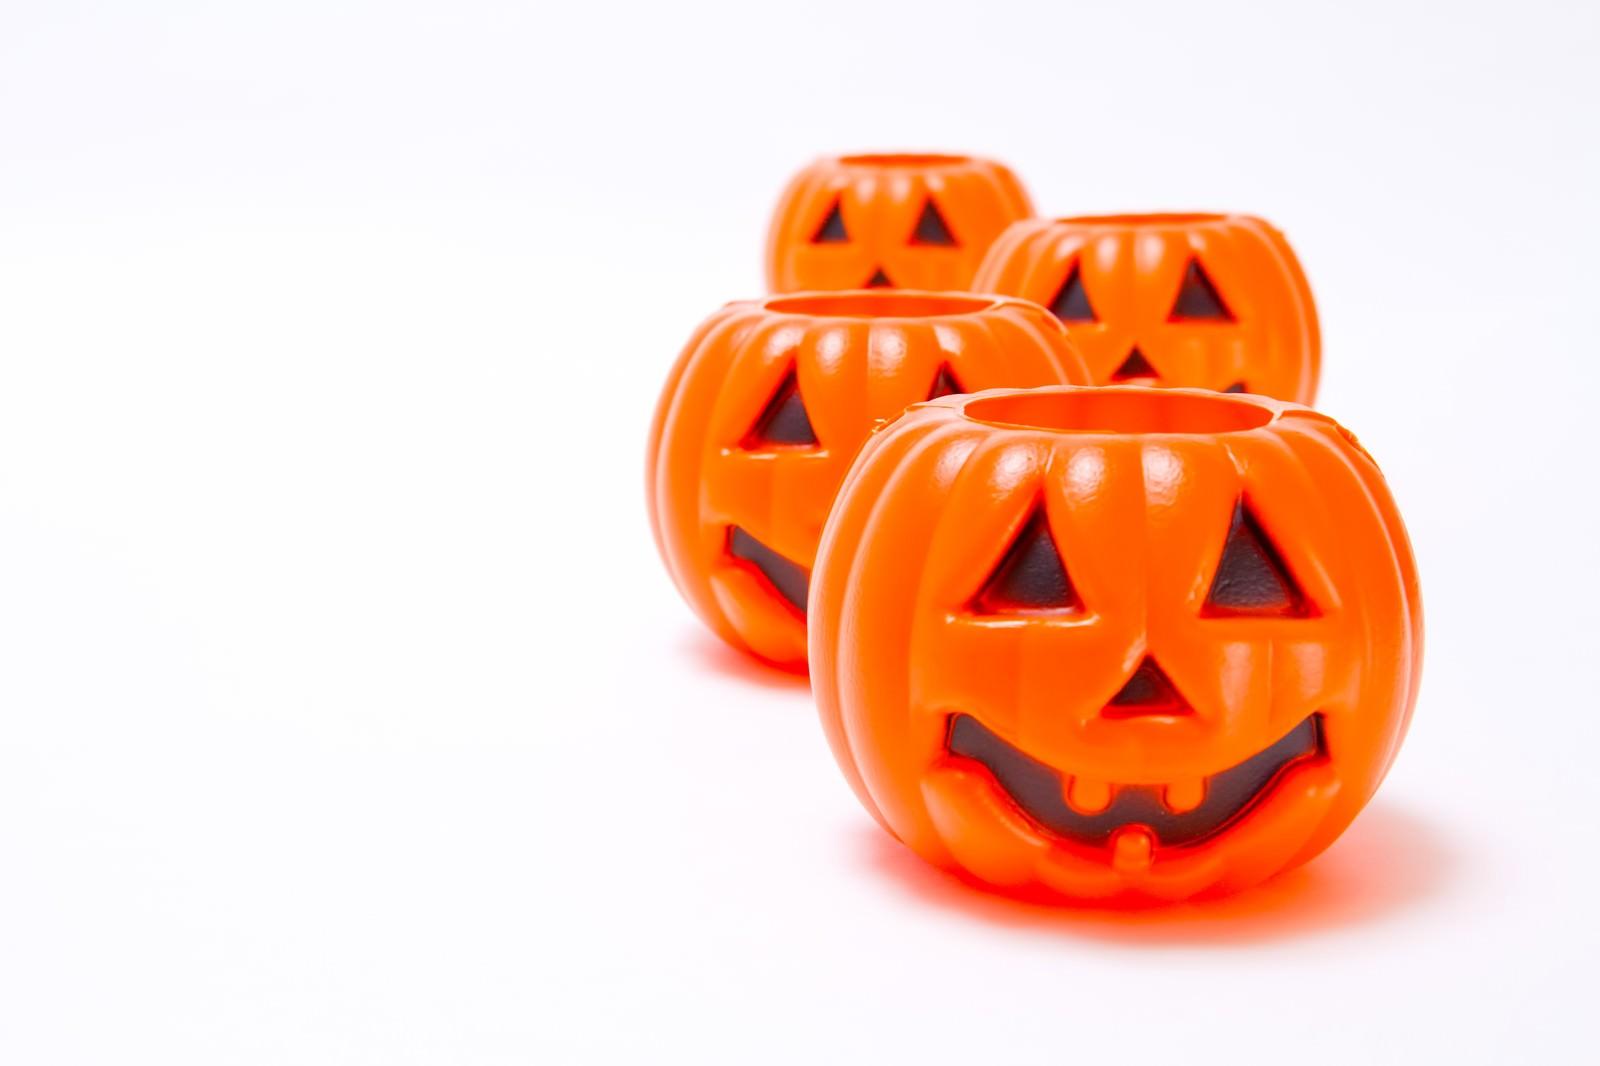 「交互に列をなすハロウィンかぼちゃ交互に列をなすハロウィンかぼちゃ」のフリー写真素材を拡大